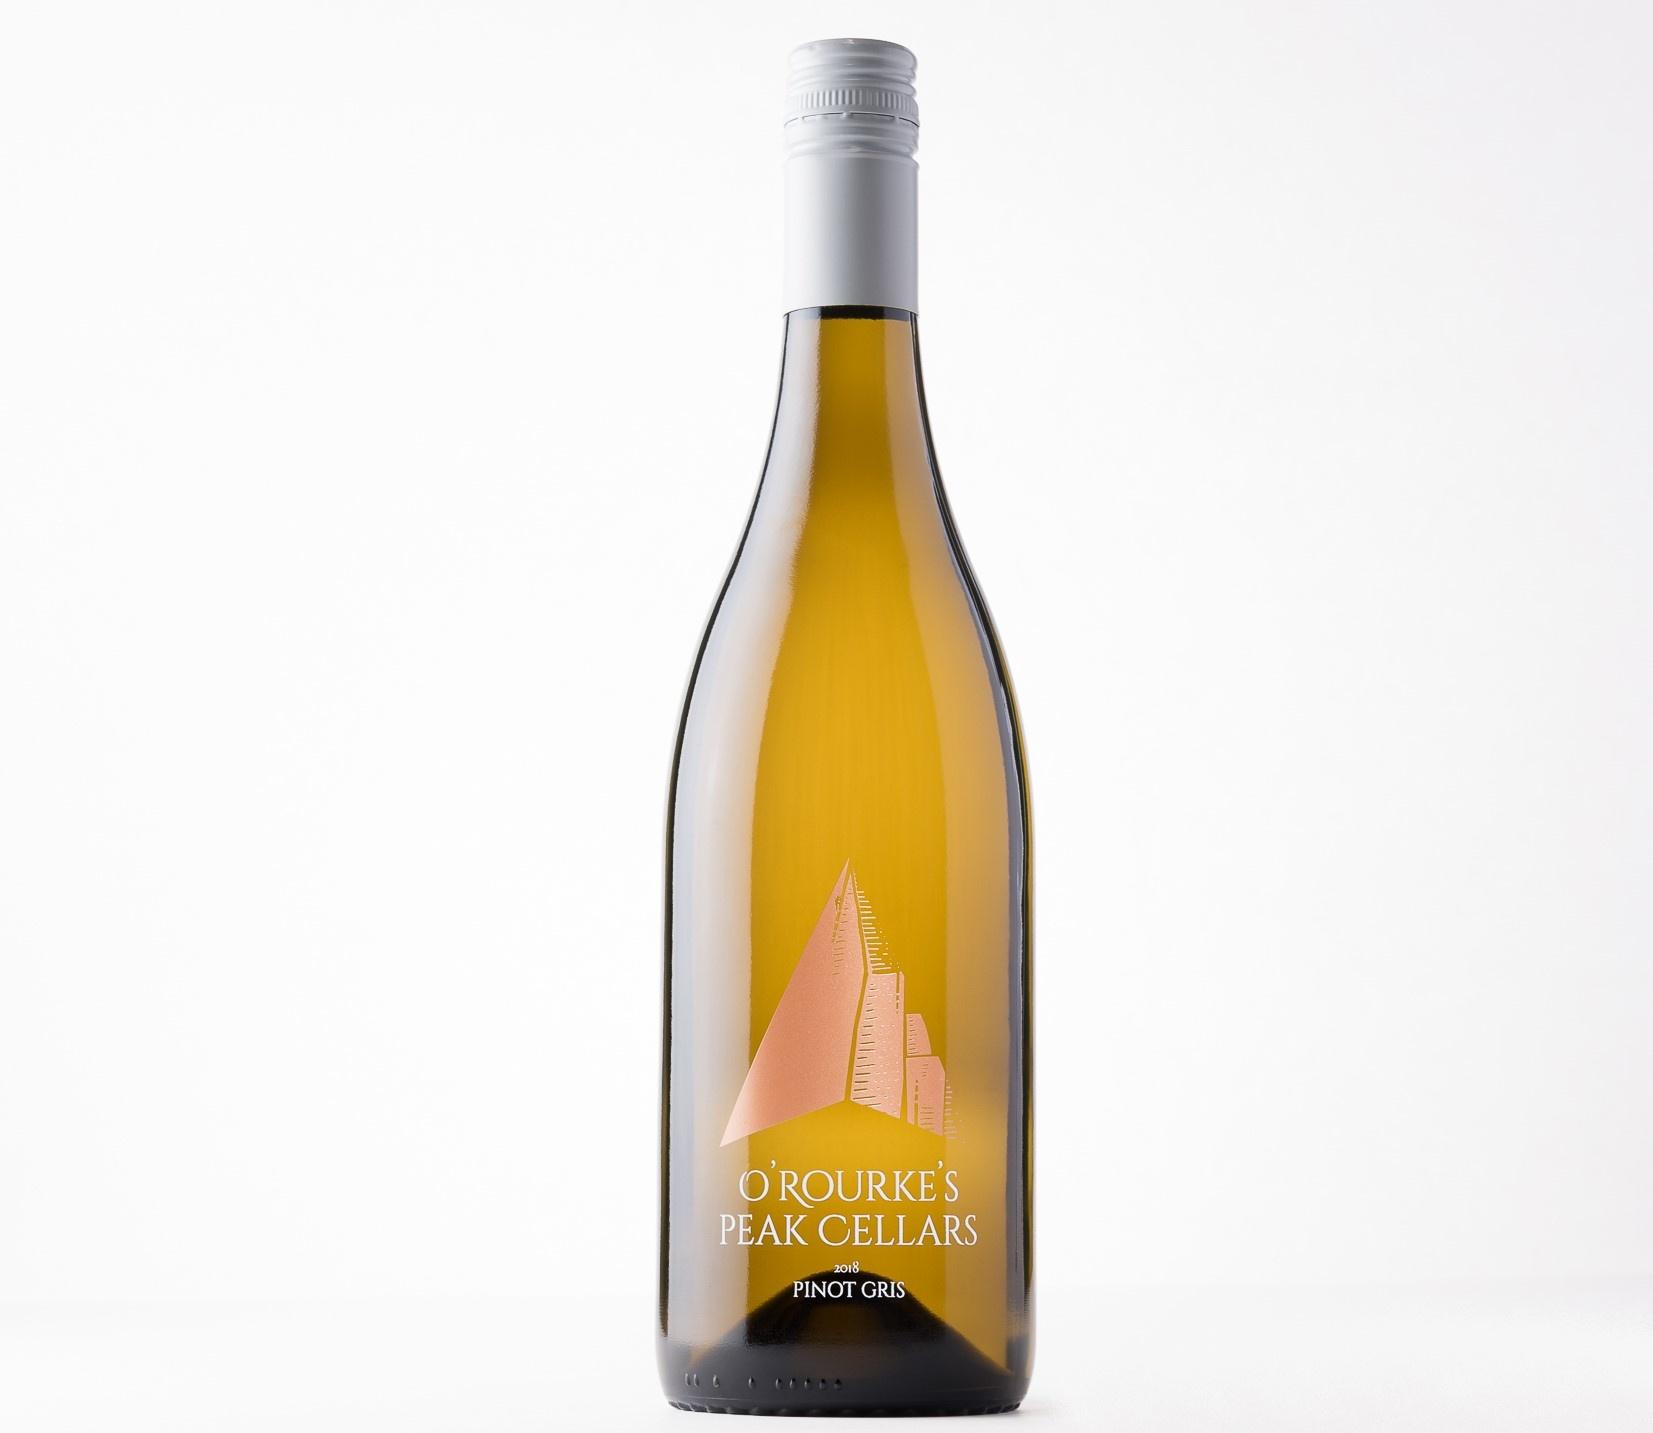 O'Rourke's Peak Cellars 2018 Pinot Gris